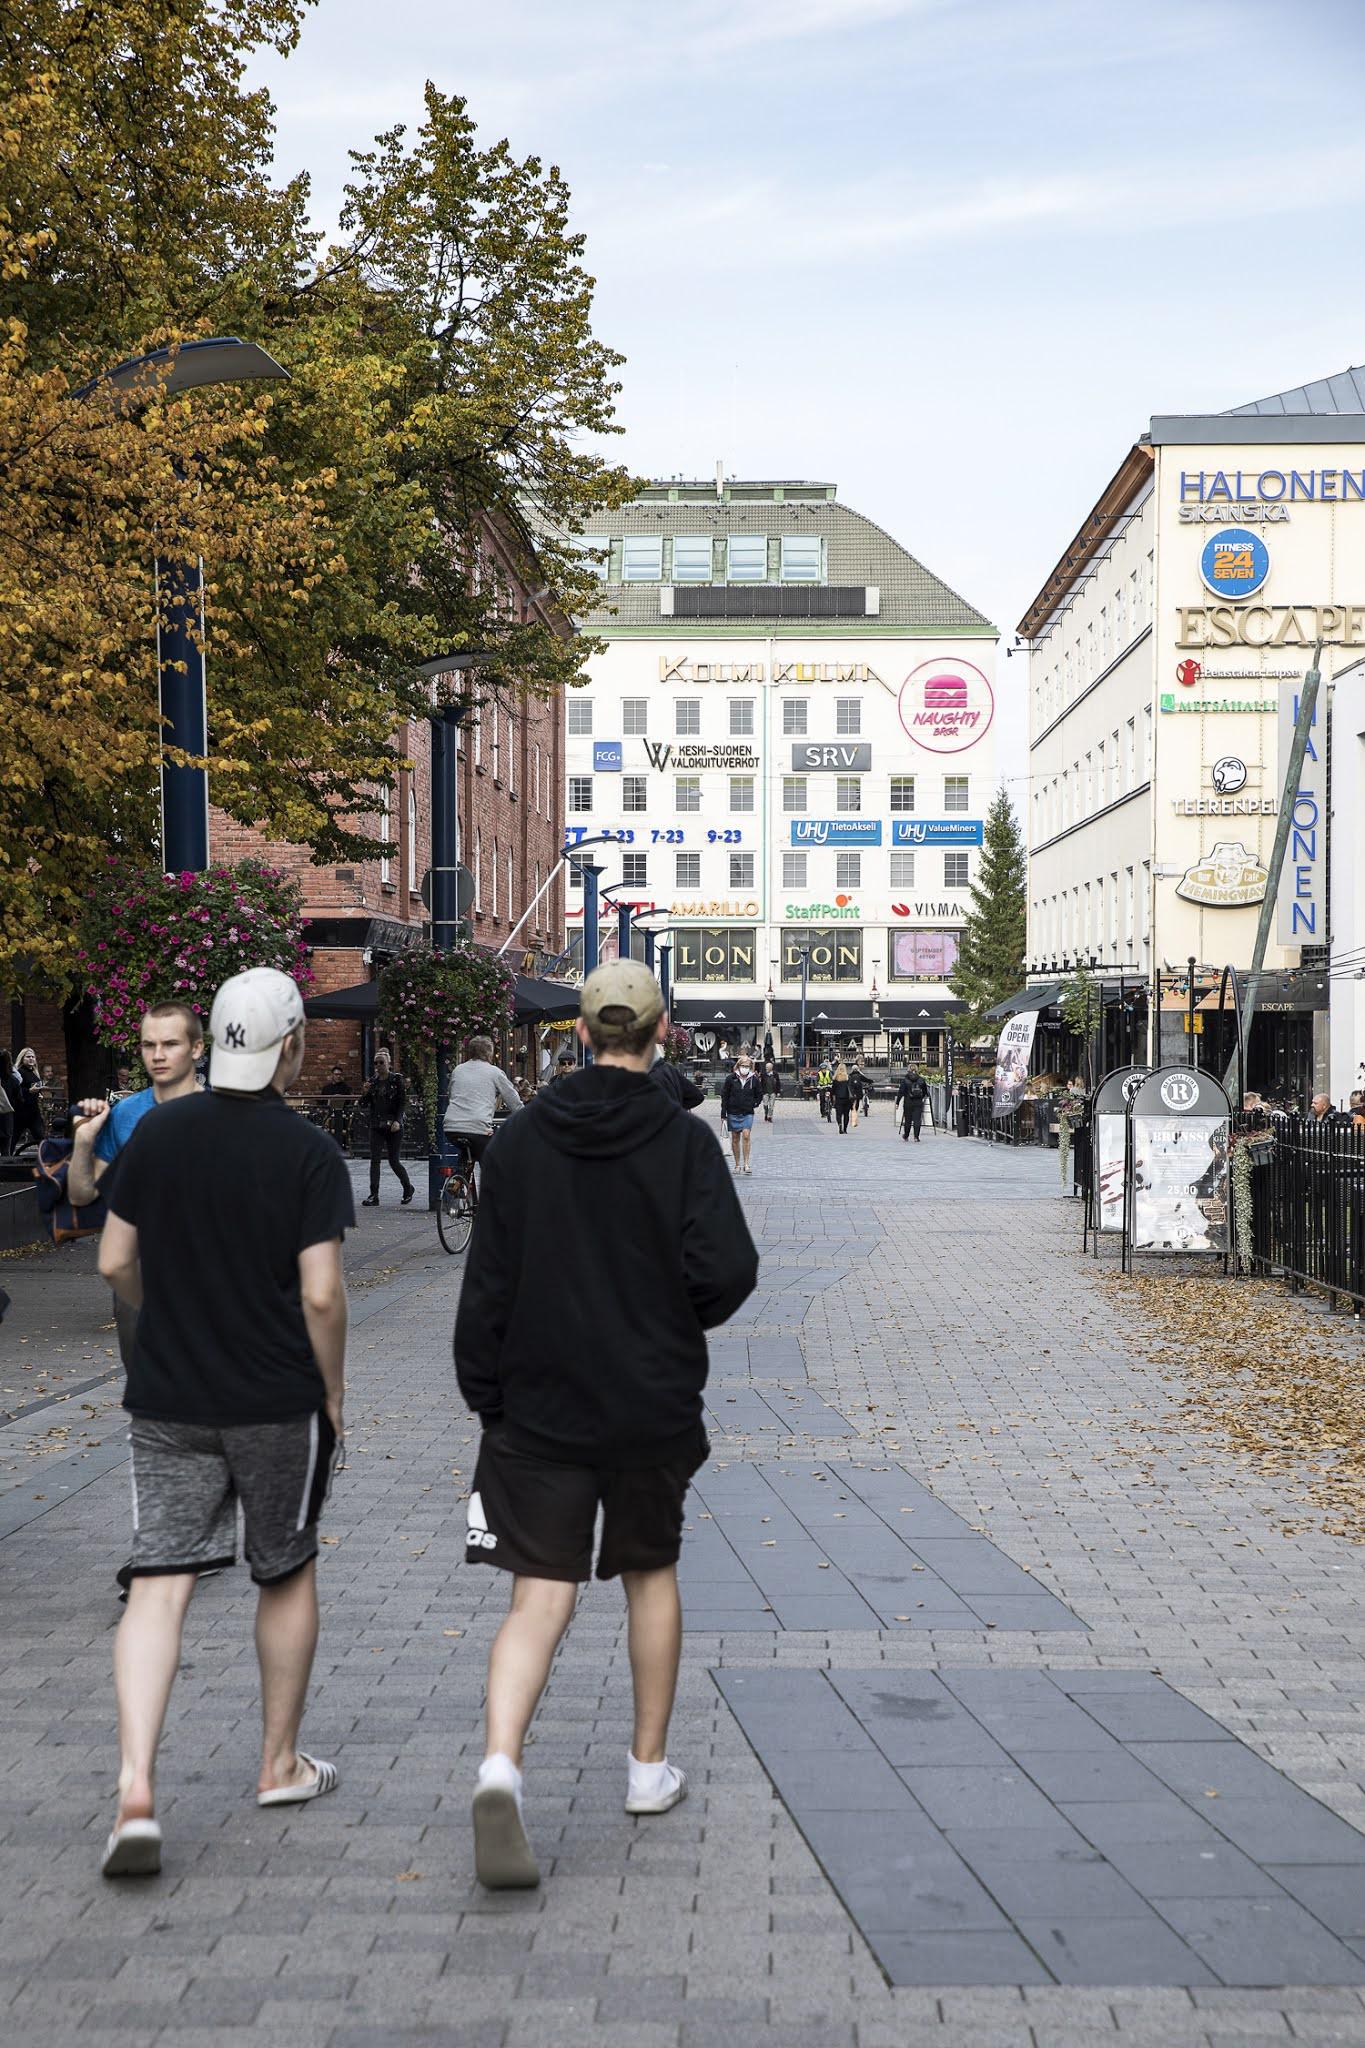 Jyväskylä, Hotelli, visitjyväskylä, suomi, finland, visitfinland, kotimaa, matkailu, matkustus, valokuvaaja, Frida steiner, visualaddictfrida, matkablogi, blogi, visualaddict, kävelykatu